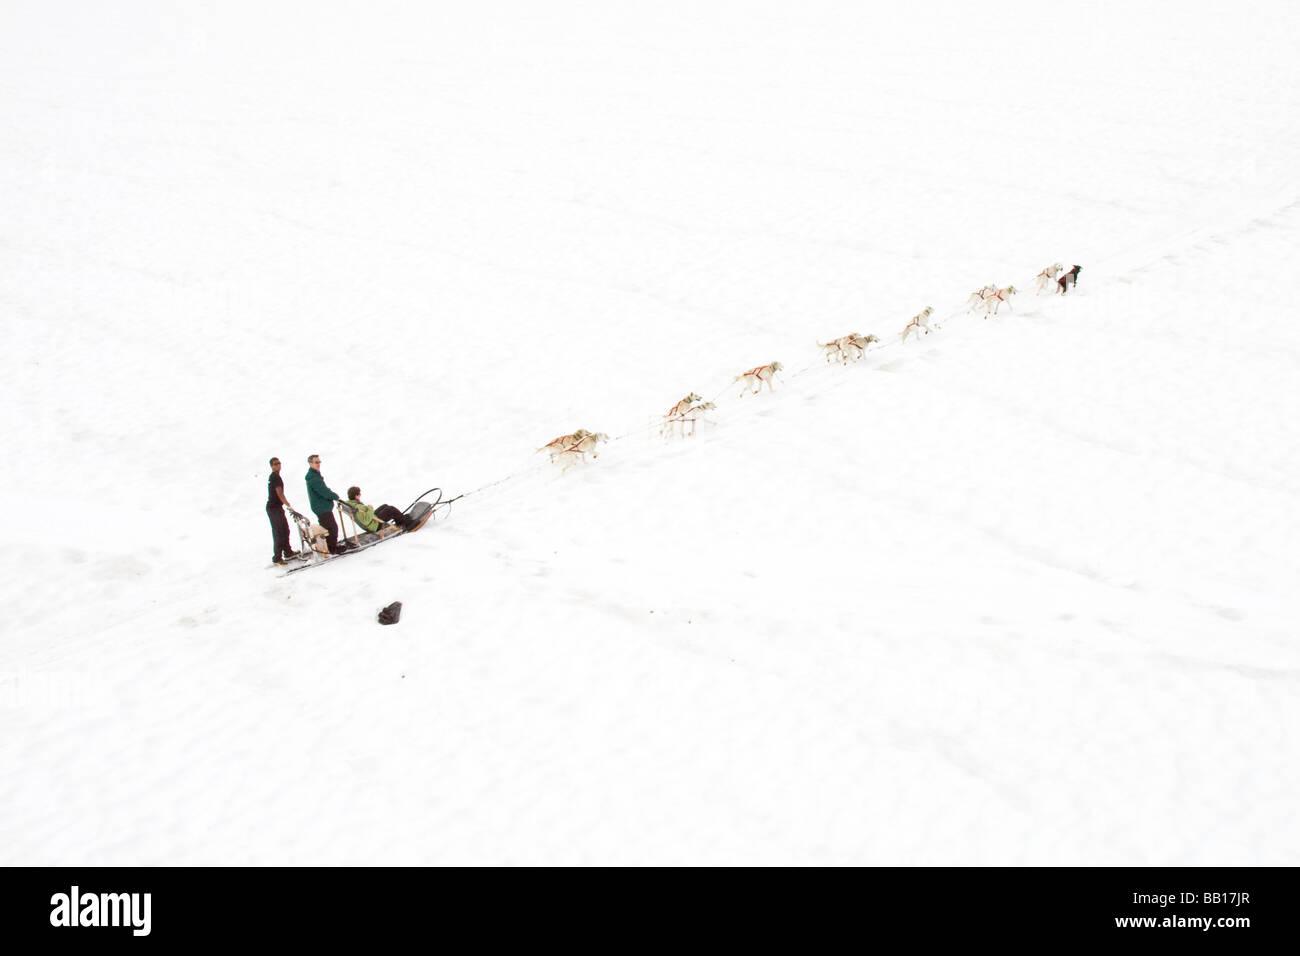 Dogsledding on a glacier in Alaska - Stock Image